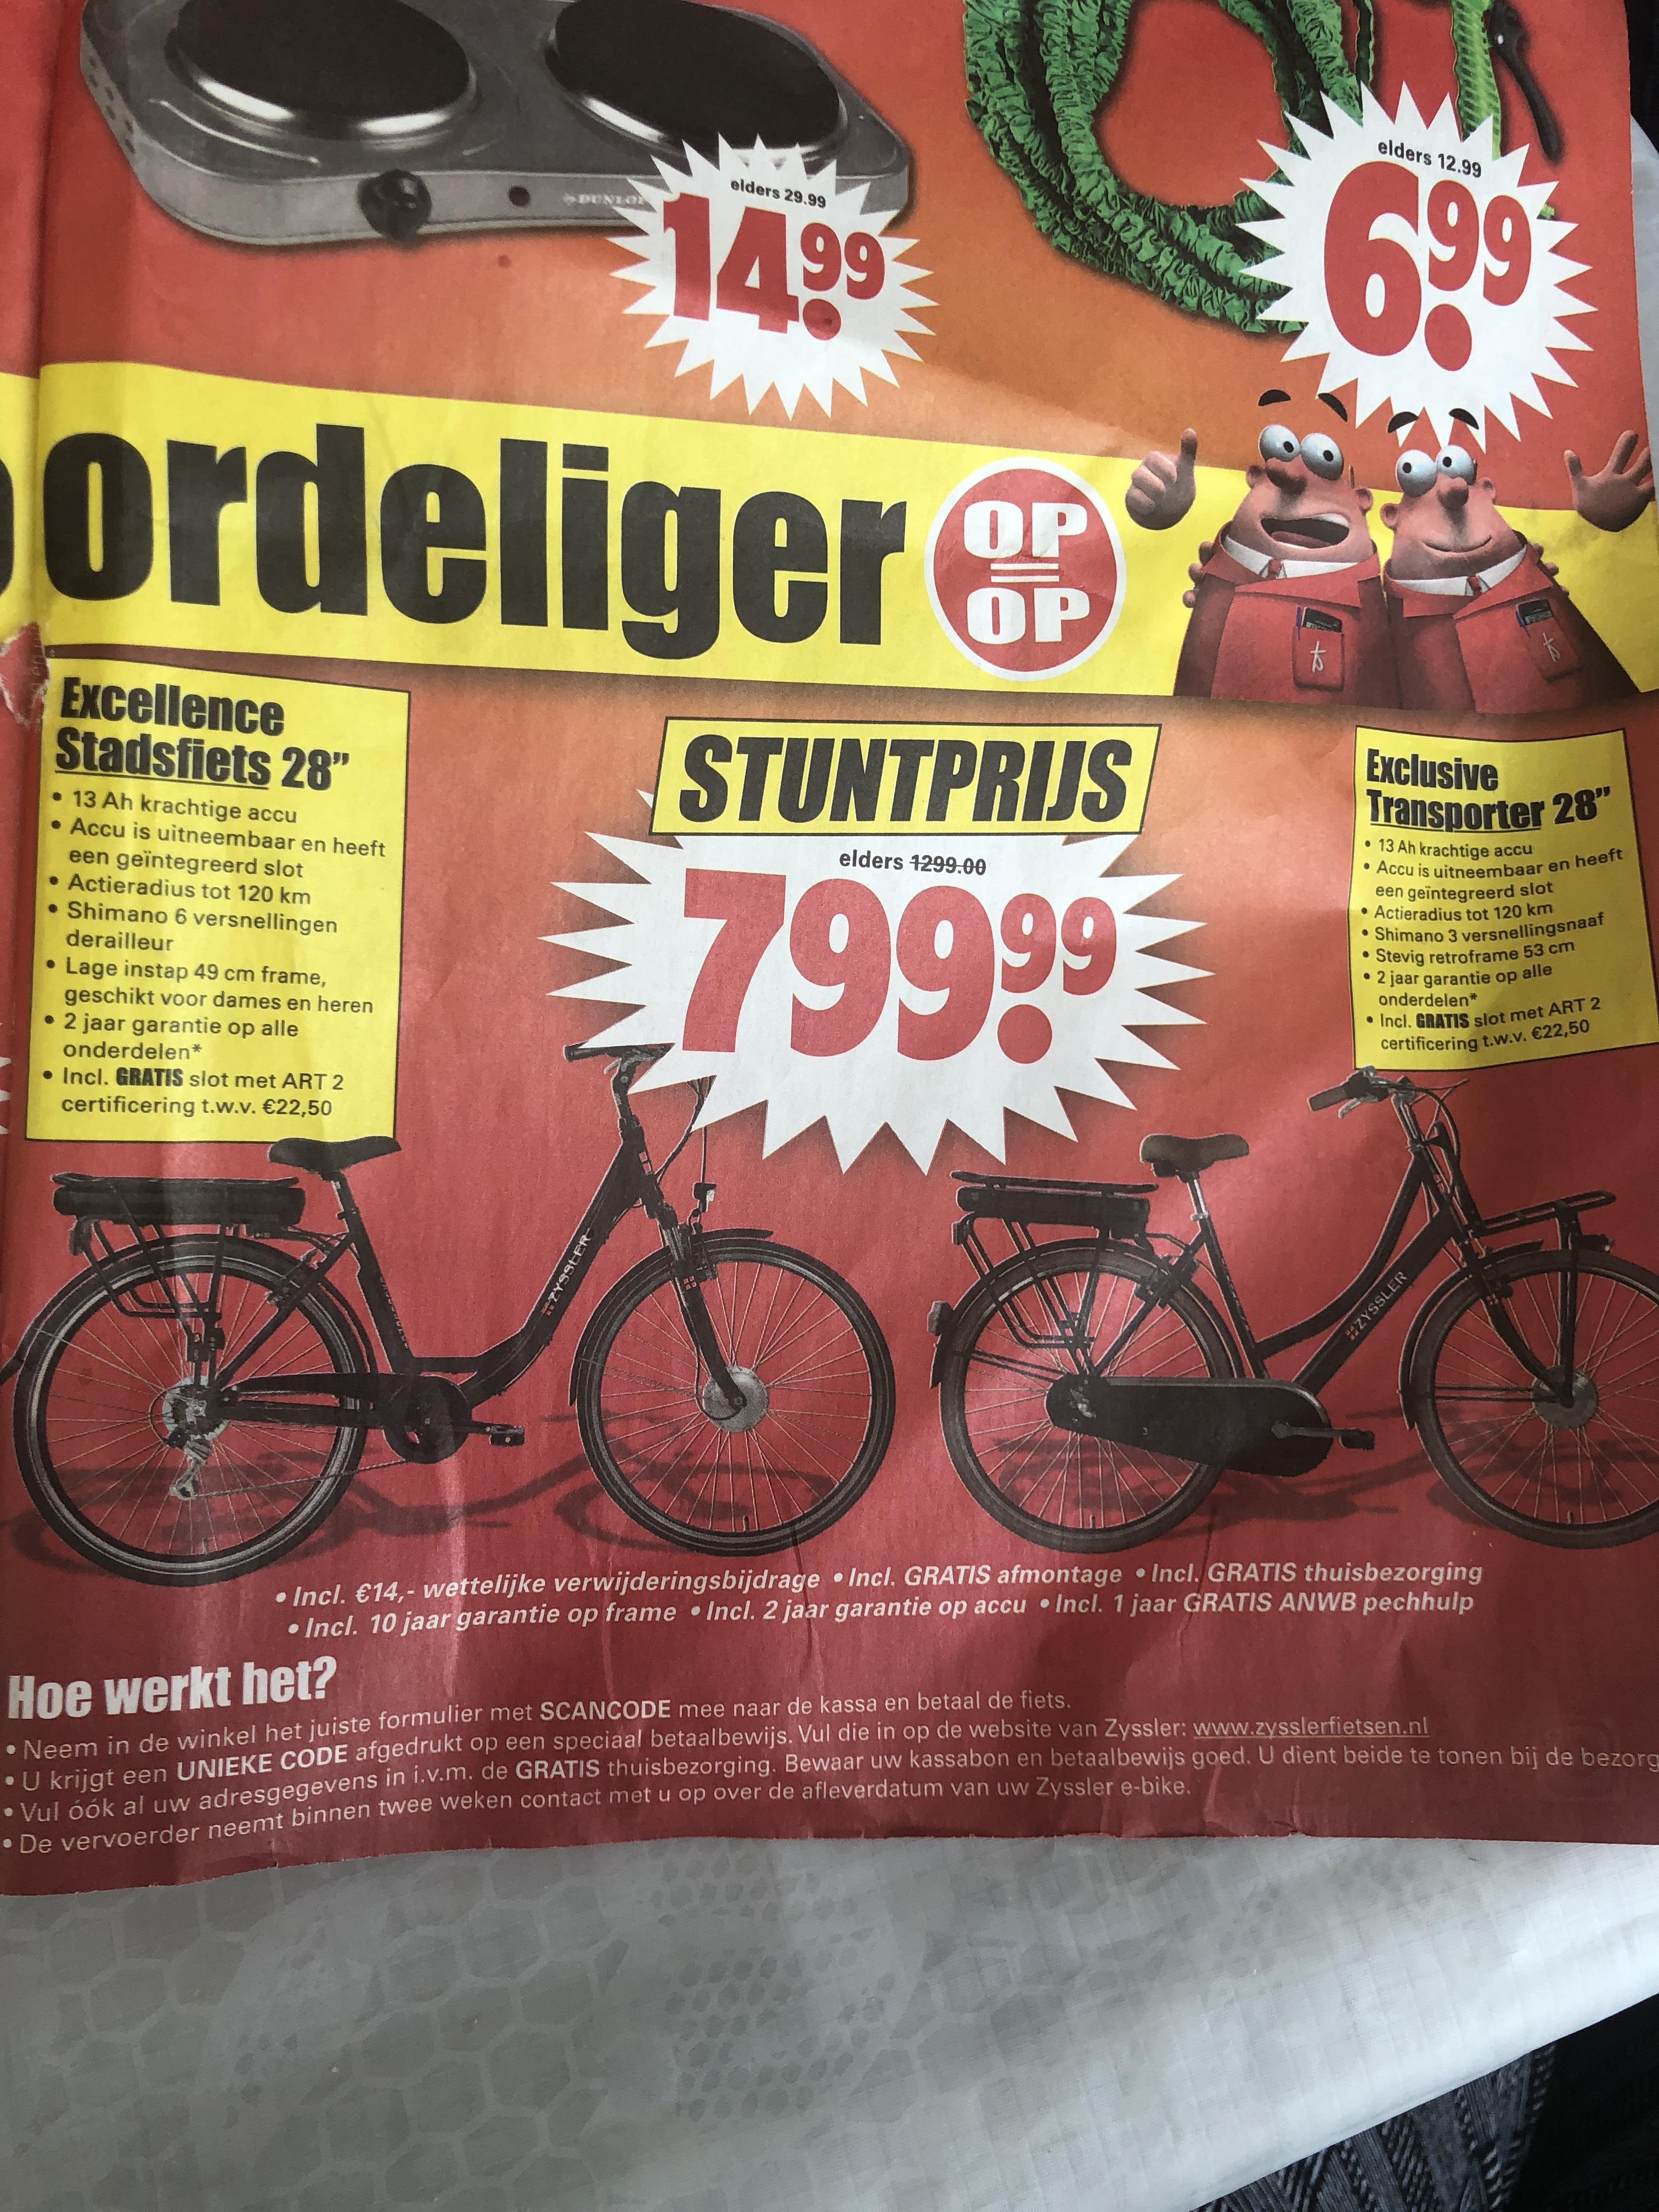 E-bike Zyssler (Dirk v/d Broek)